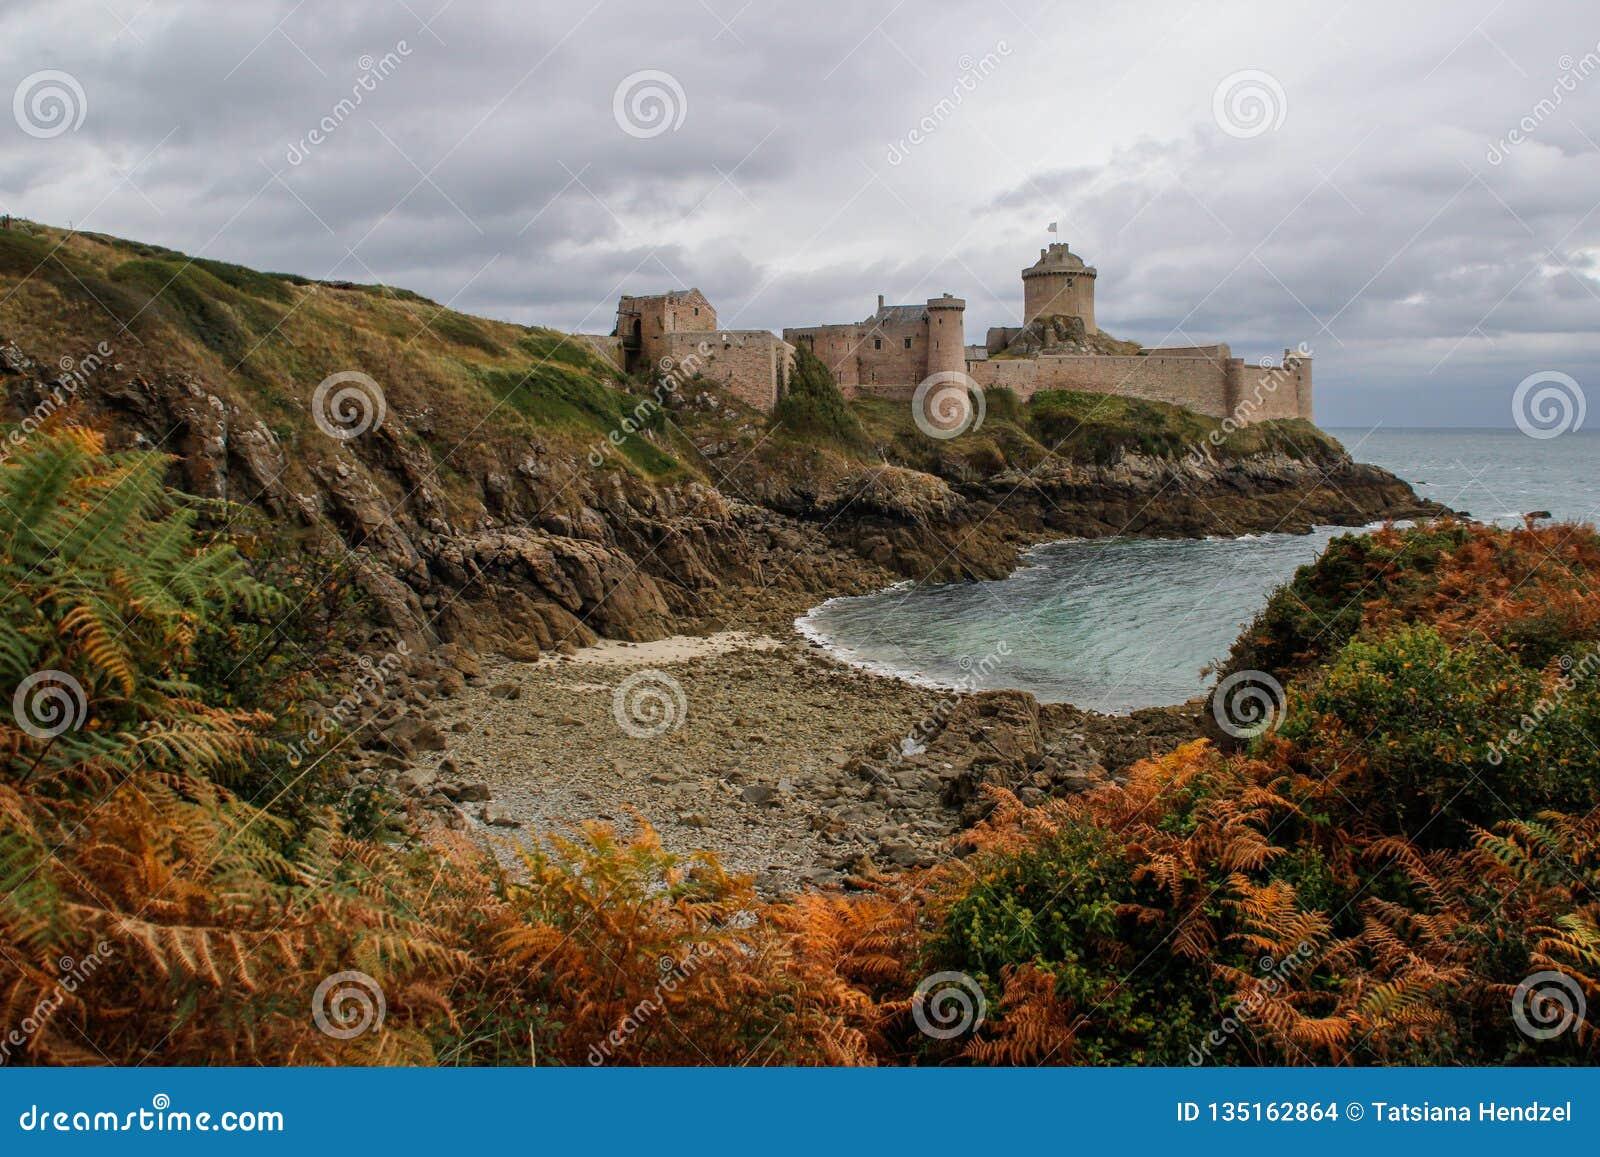 Известный средневековый каменный замок - Latte Ла крепости осенью во время шторма на кельтском море в Нормандии